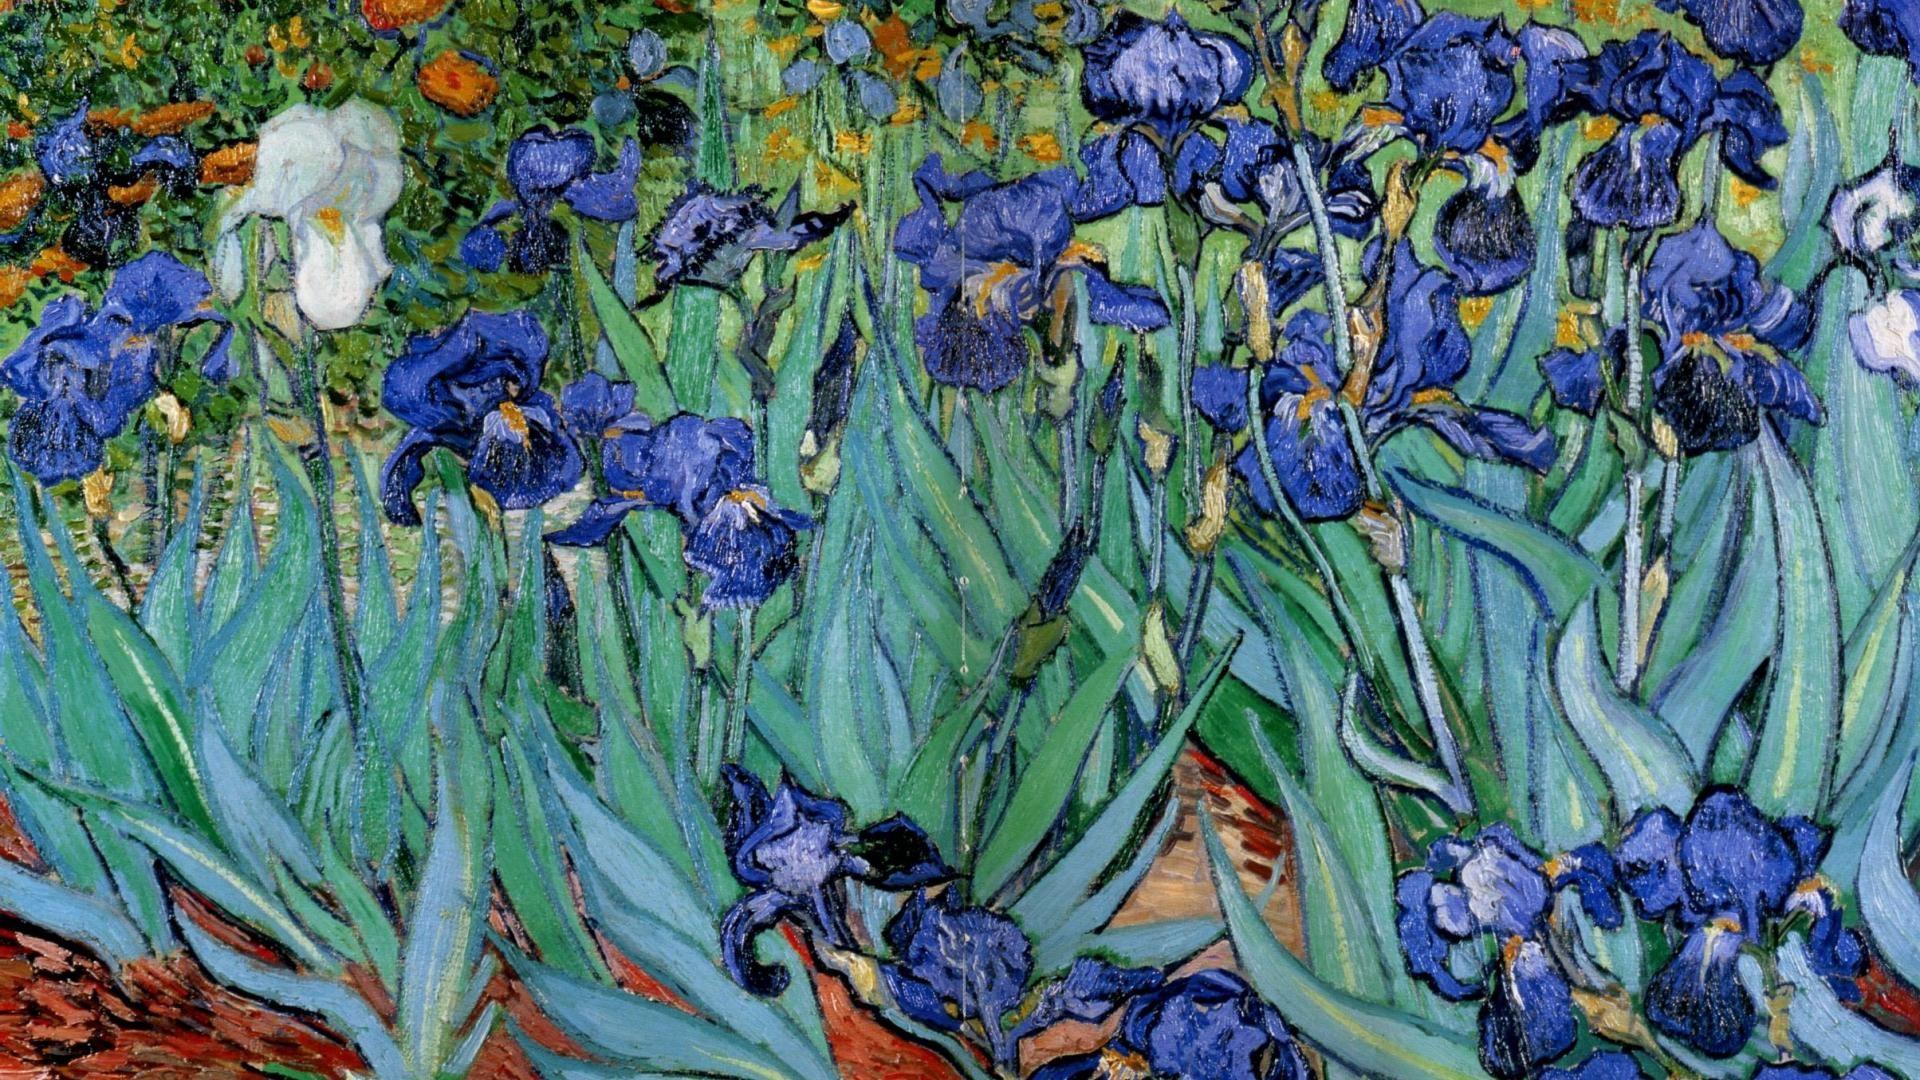 Van Gogh Paintings Wallpapers Top Free Van Gogh Paintings